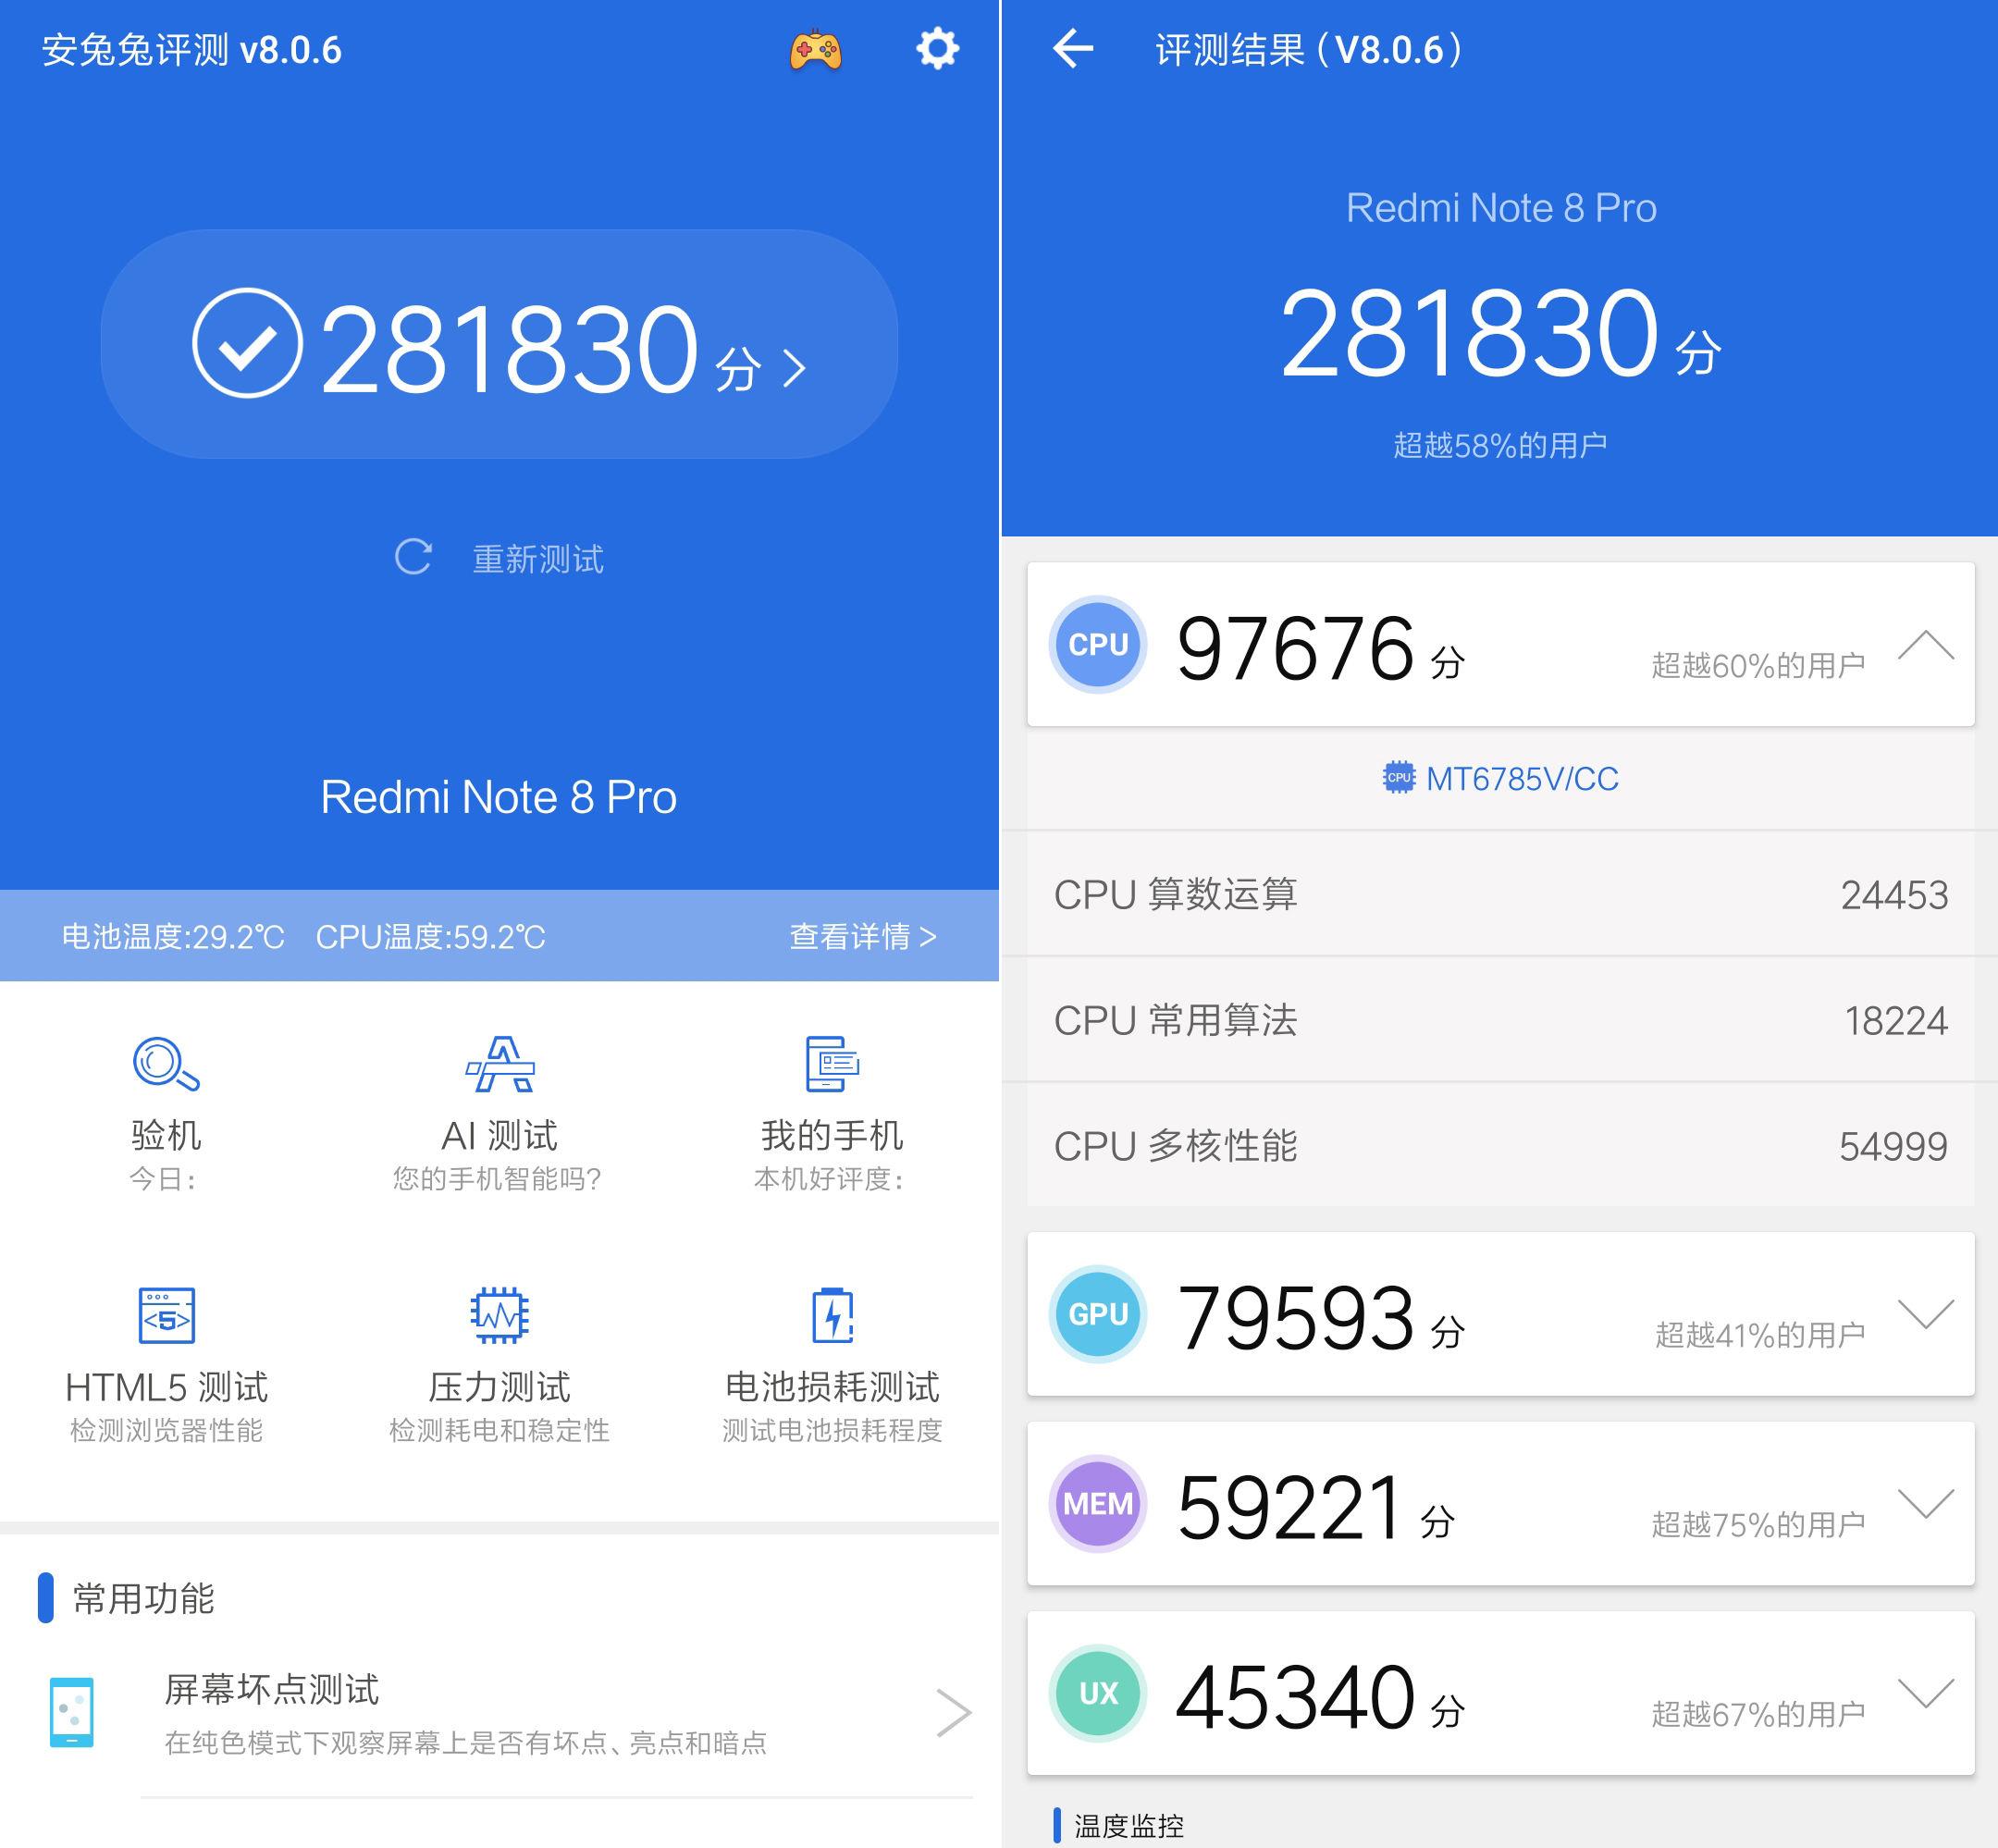 红米 Redmi Note 8 Pro 评测:带来6400万主摄,首发MTK G90T芯片